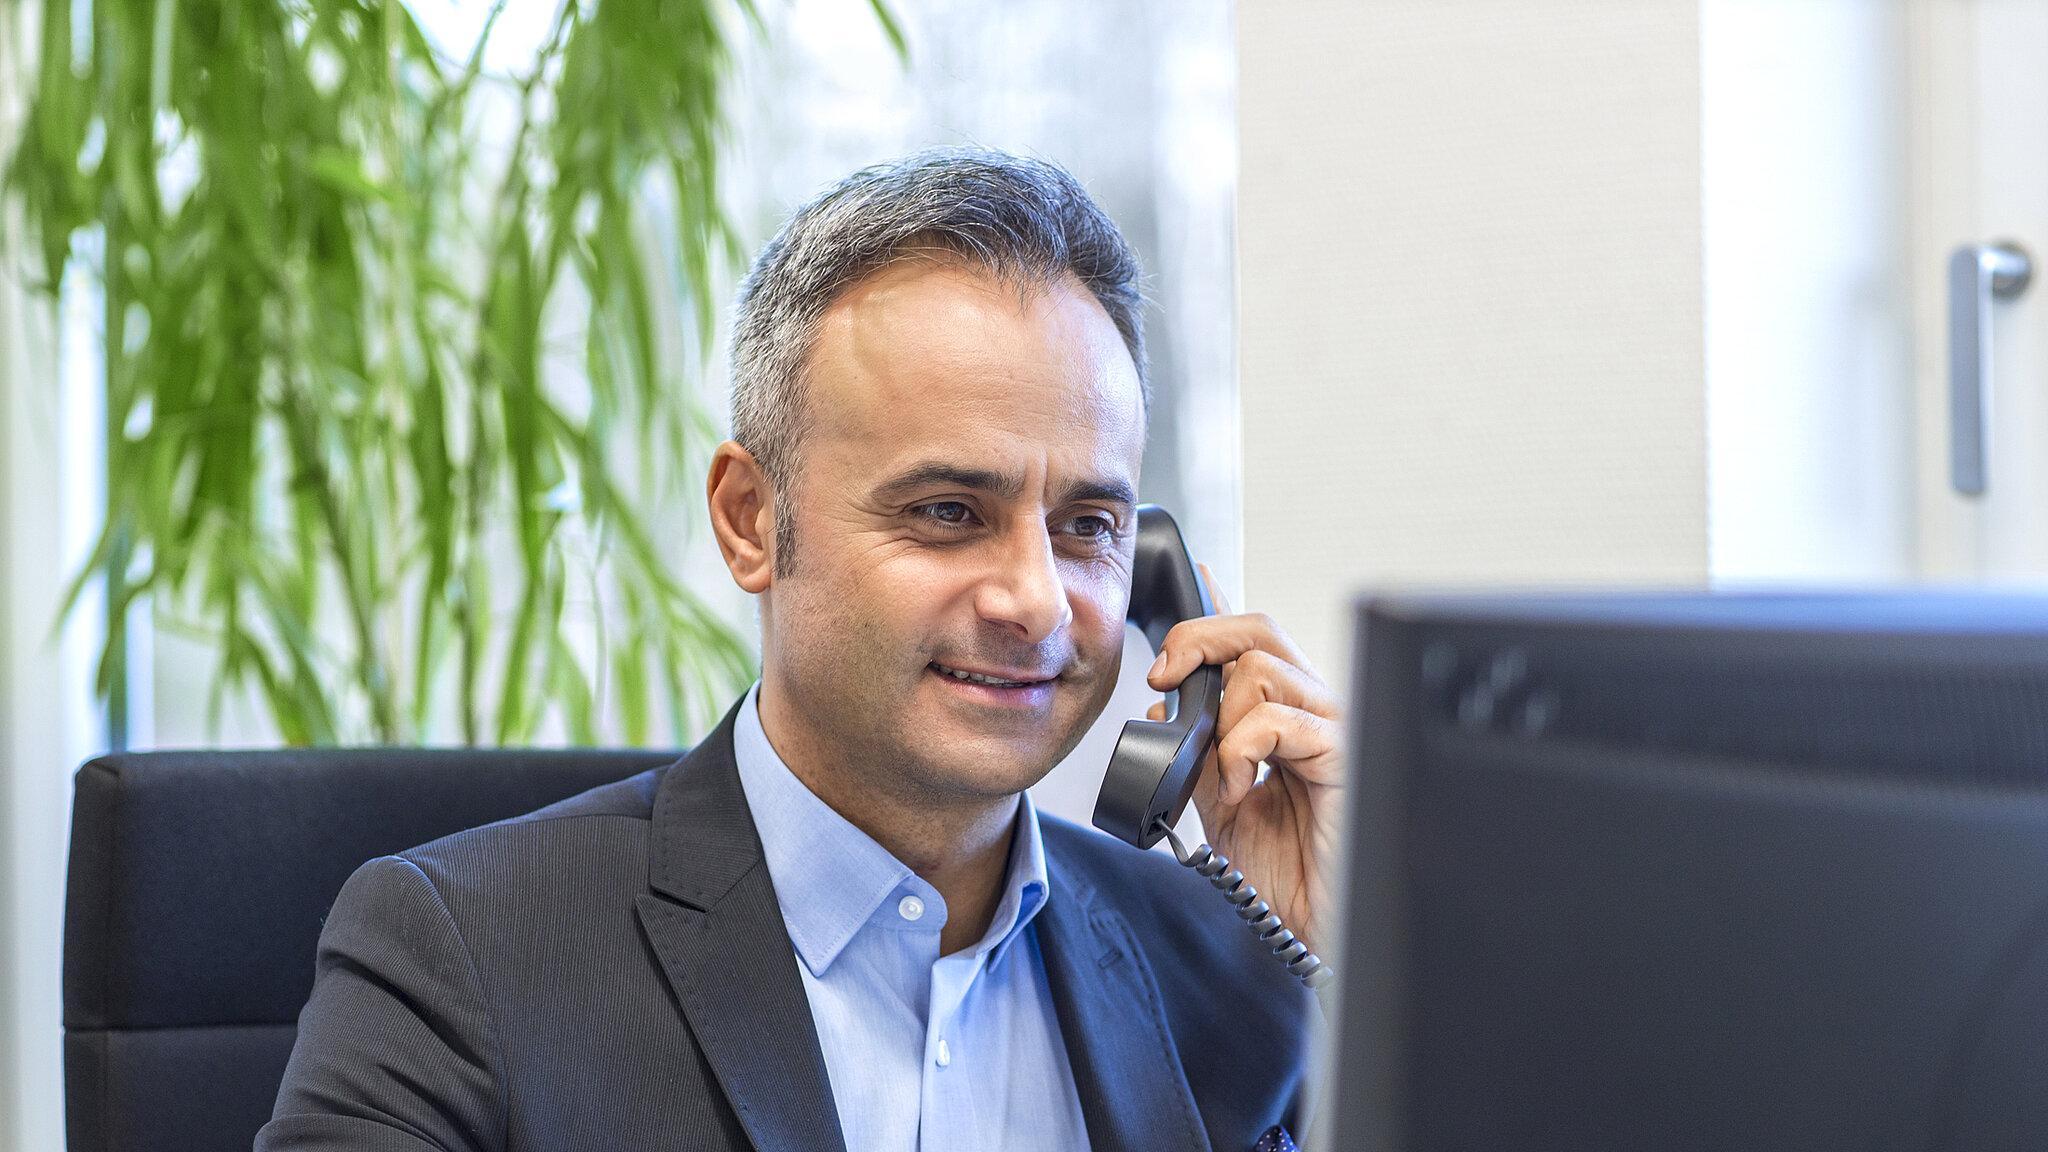 Mann beim Telefonat